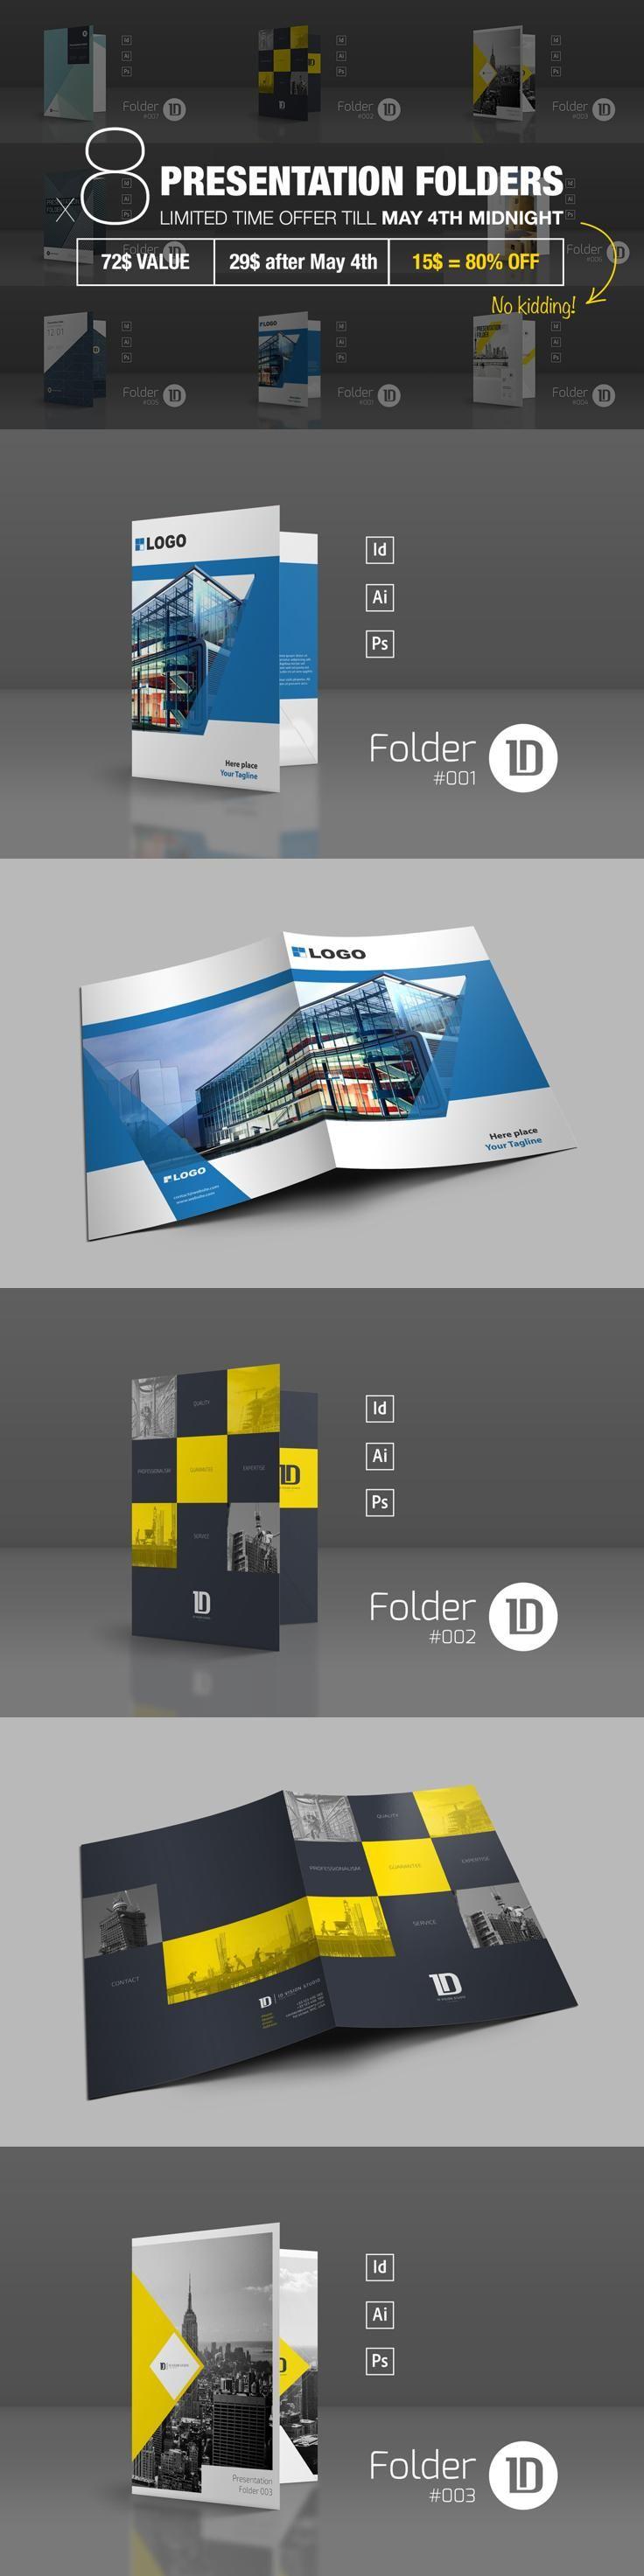 #folder #design from ID Vision Studio | DOWNLOAD: https://creativemarket.com/IDVisionStudio/664158-Bundle-8-Presentation-Folders?u=zsoltczigler